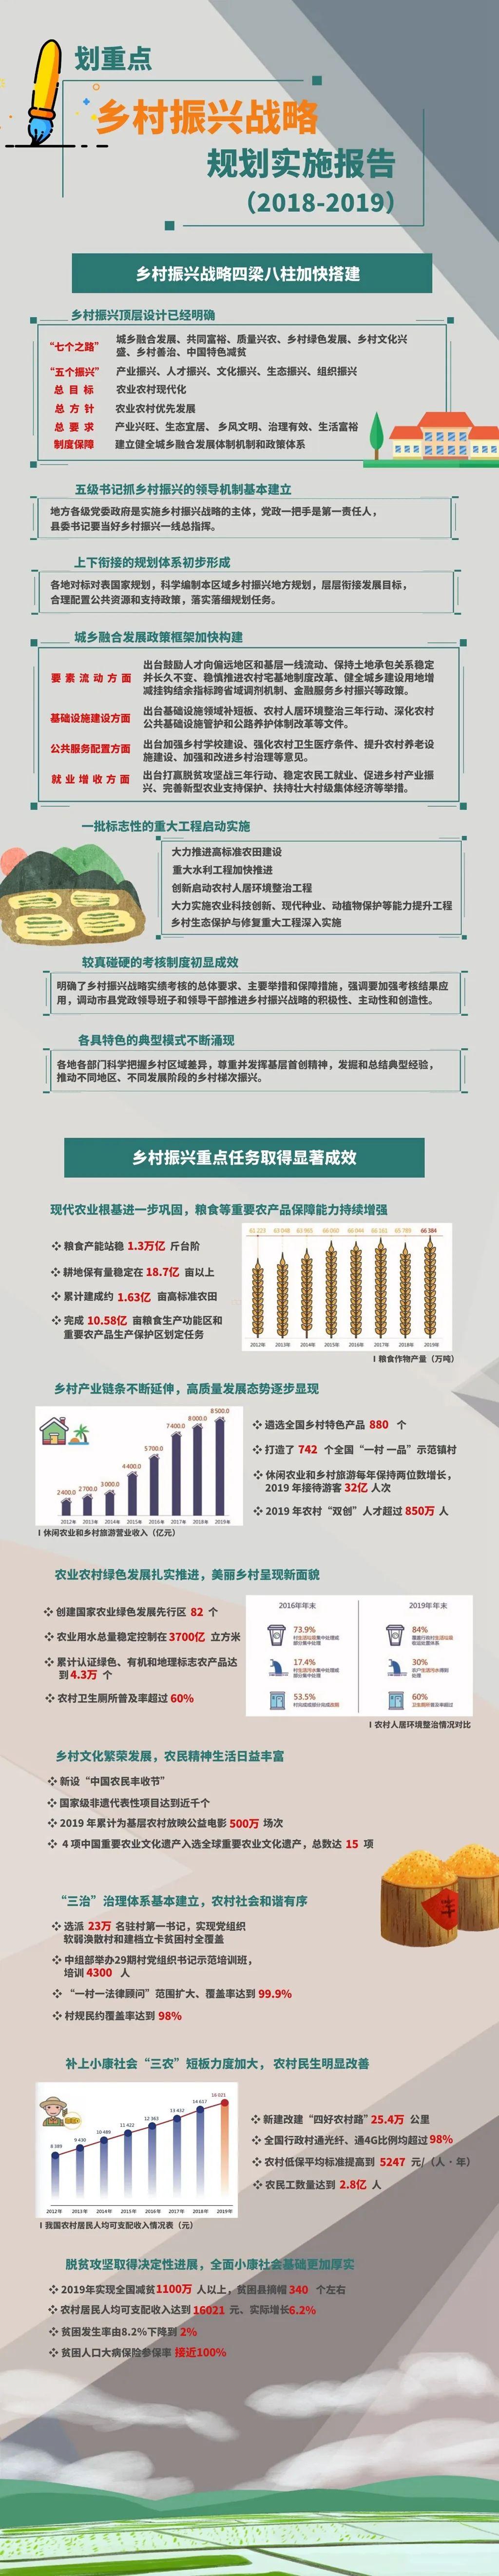 首个乡村振兴战略规划实施报告:我国农业机械化率超70%